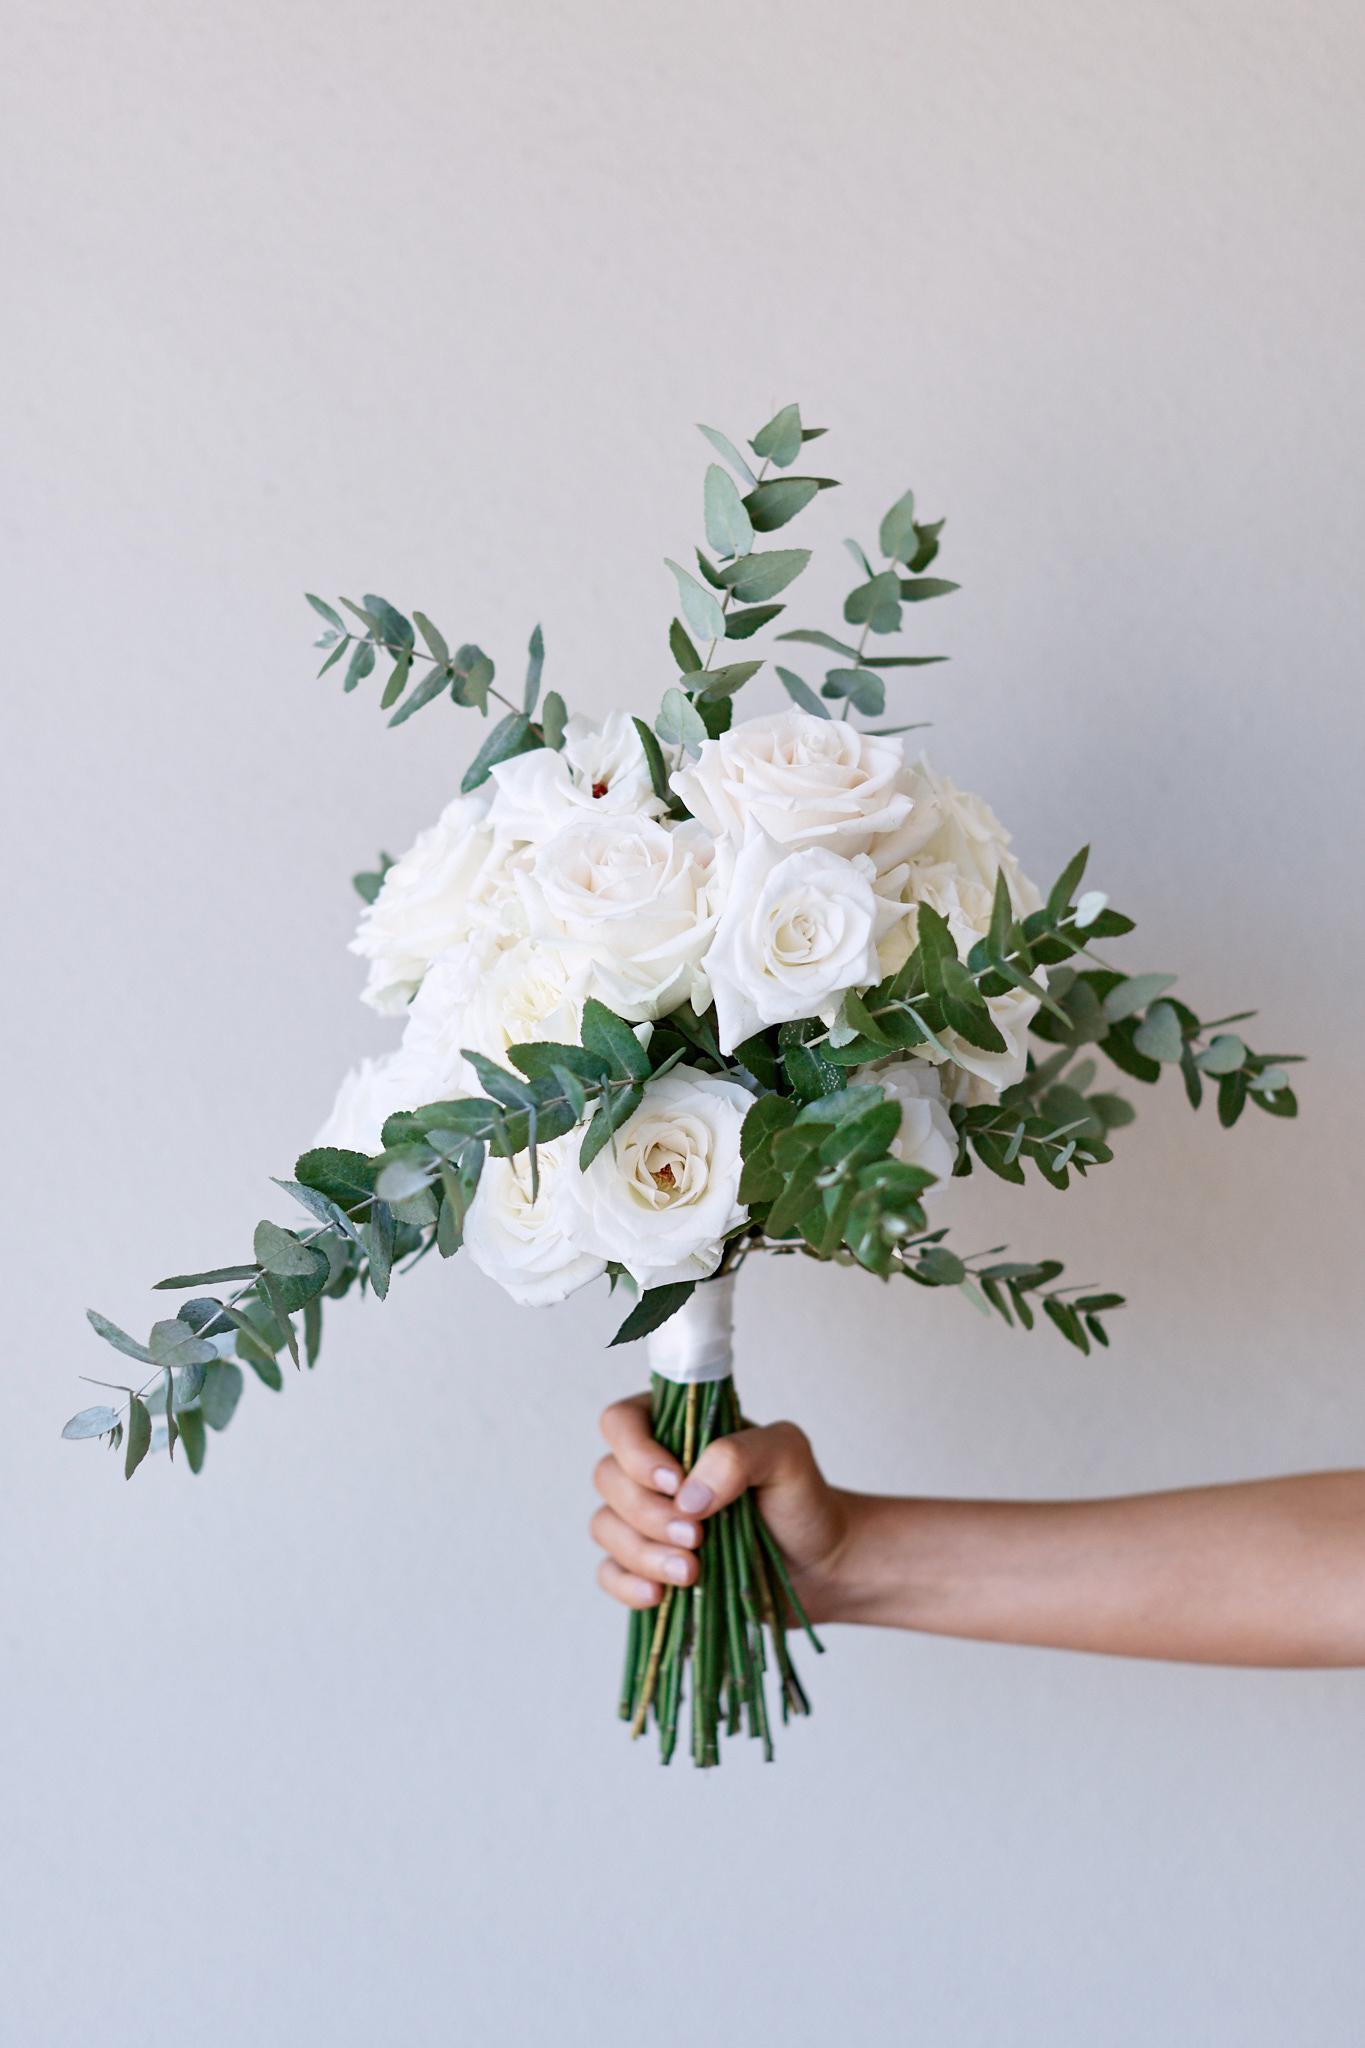 hand holding bouquet.jpg